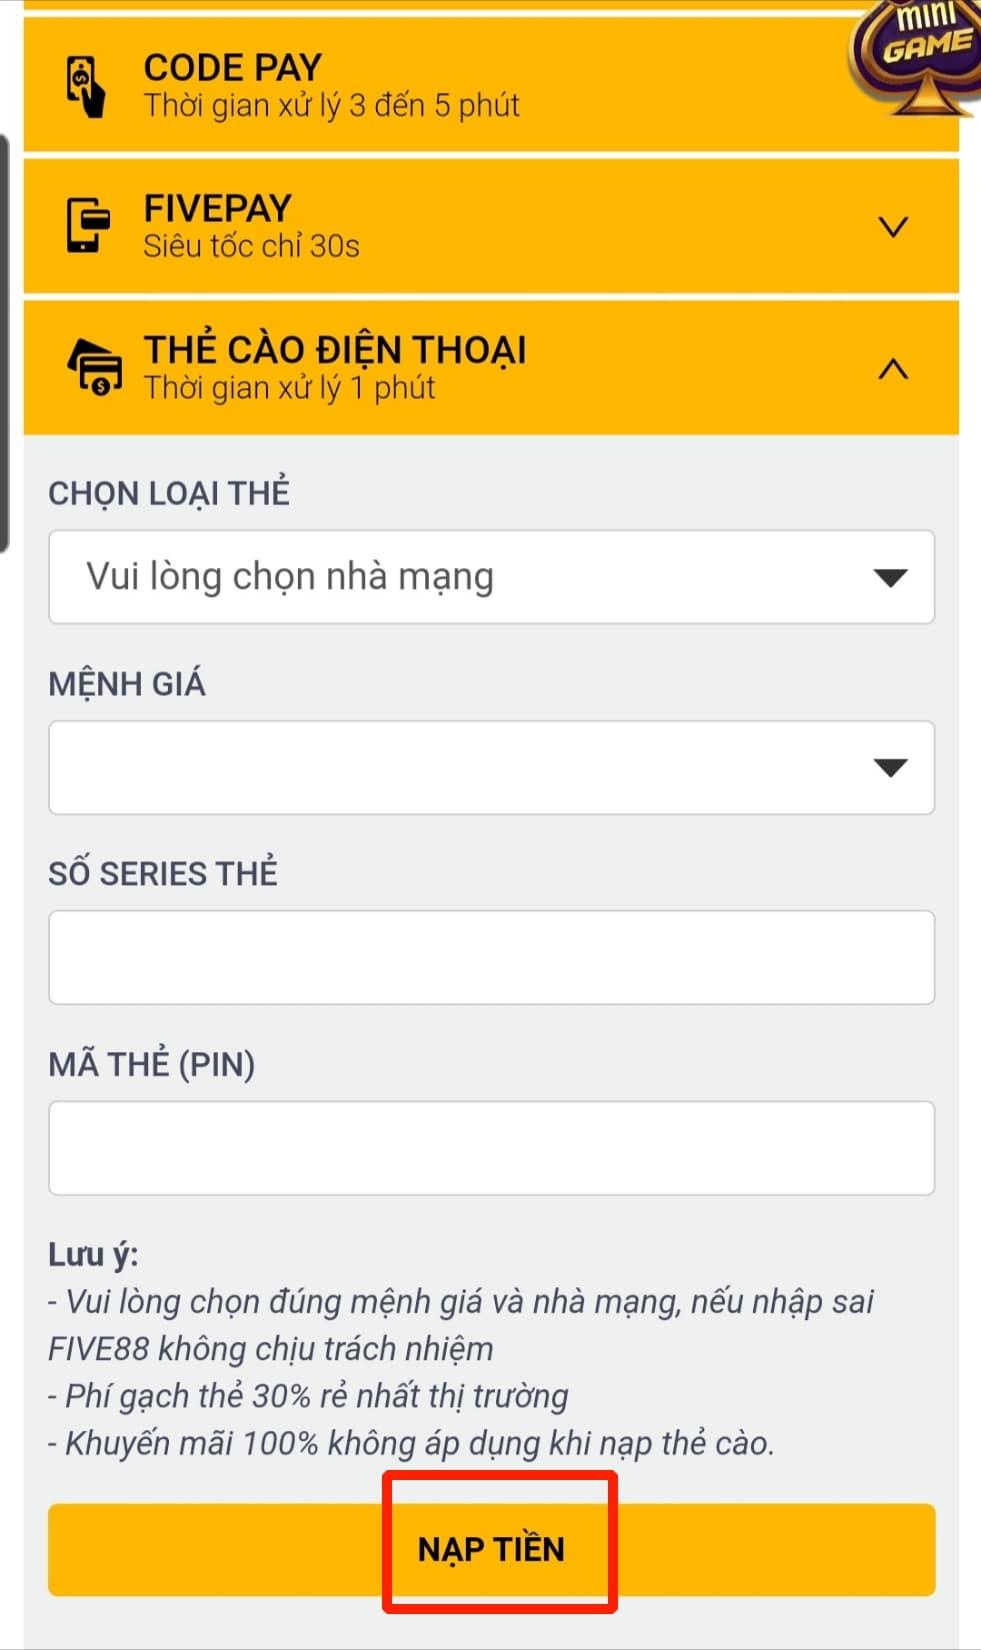 Bấm chọn NẠP TIỀN để hoàn thành quá trình nạp tiền qua thẻ cào điện thoại của five88